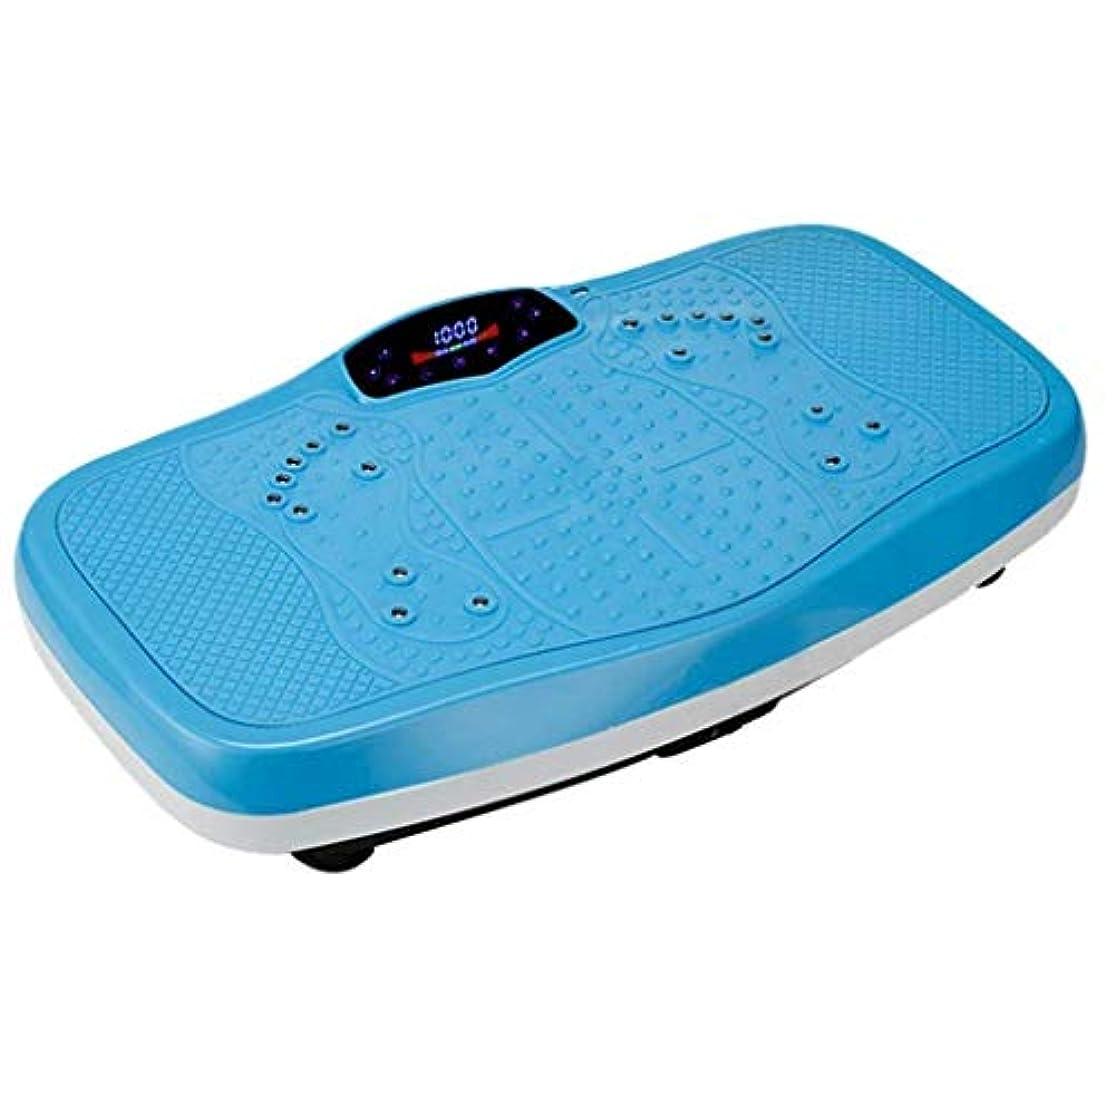 旅行者ピケギャラントリー減量機、運動振動フィットネス形状体重減量機、Bluetoothスピーカー、家族/ジムに適し、ホームオフィス減量 (Color : 青)